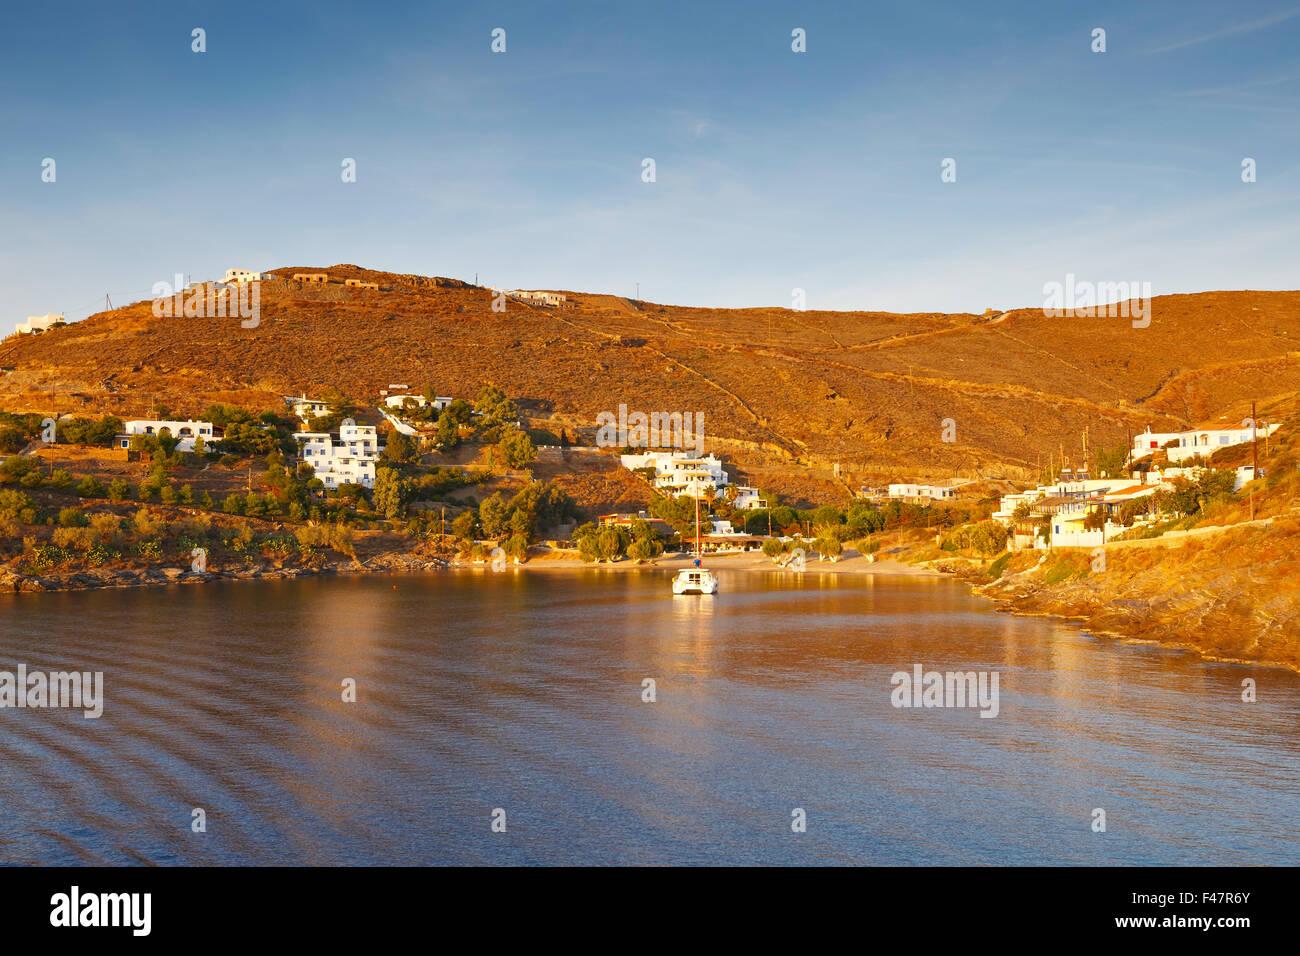 Blick auf Kythnos von der Fähre in den Hafen der Insel ankommen. Stockfoto